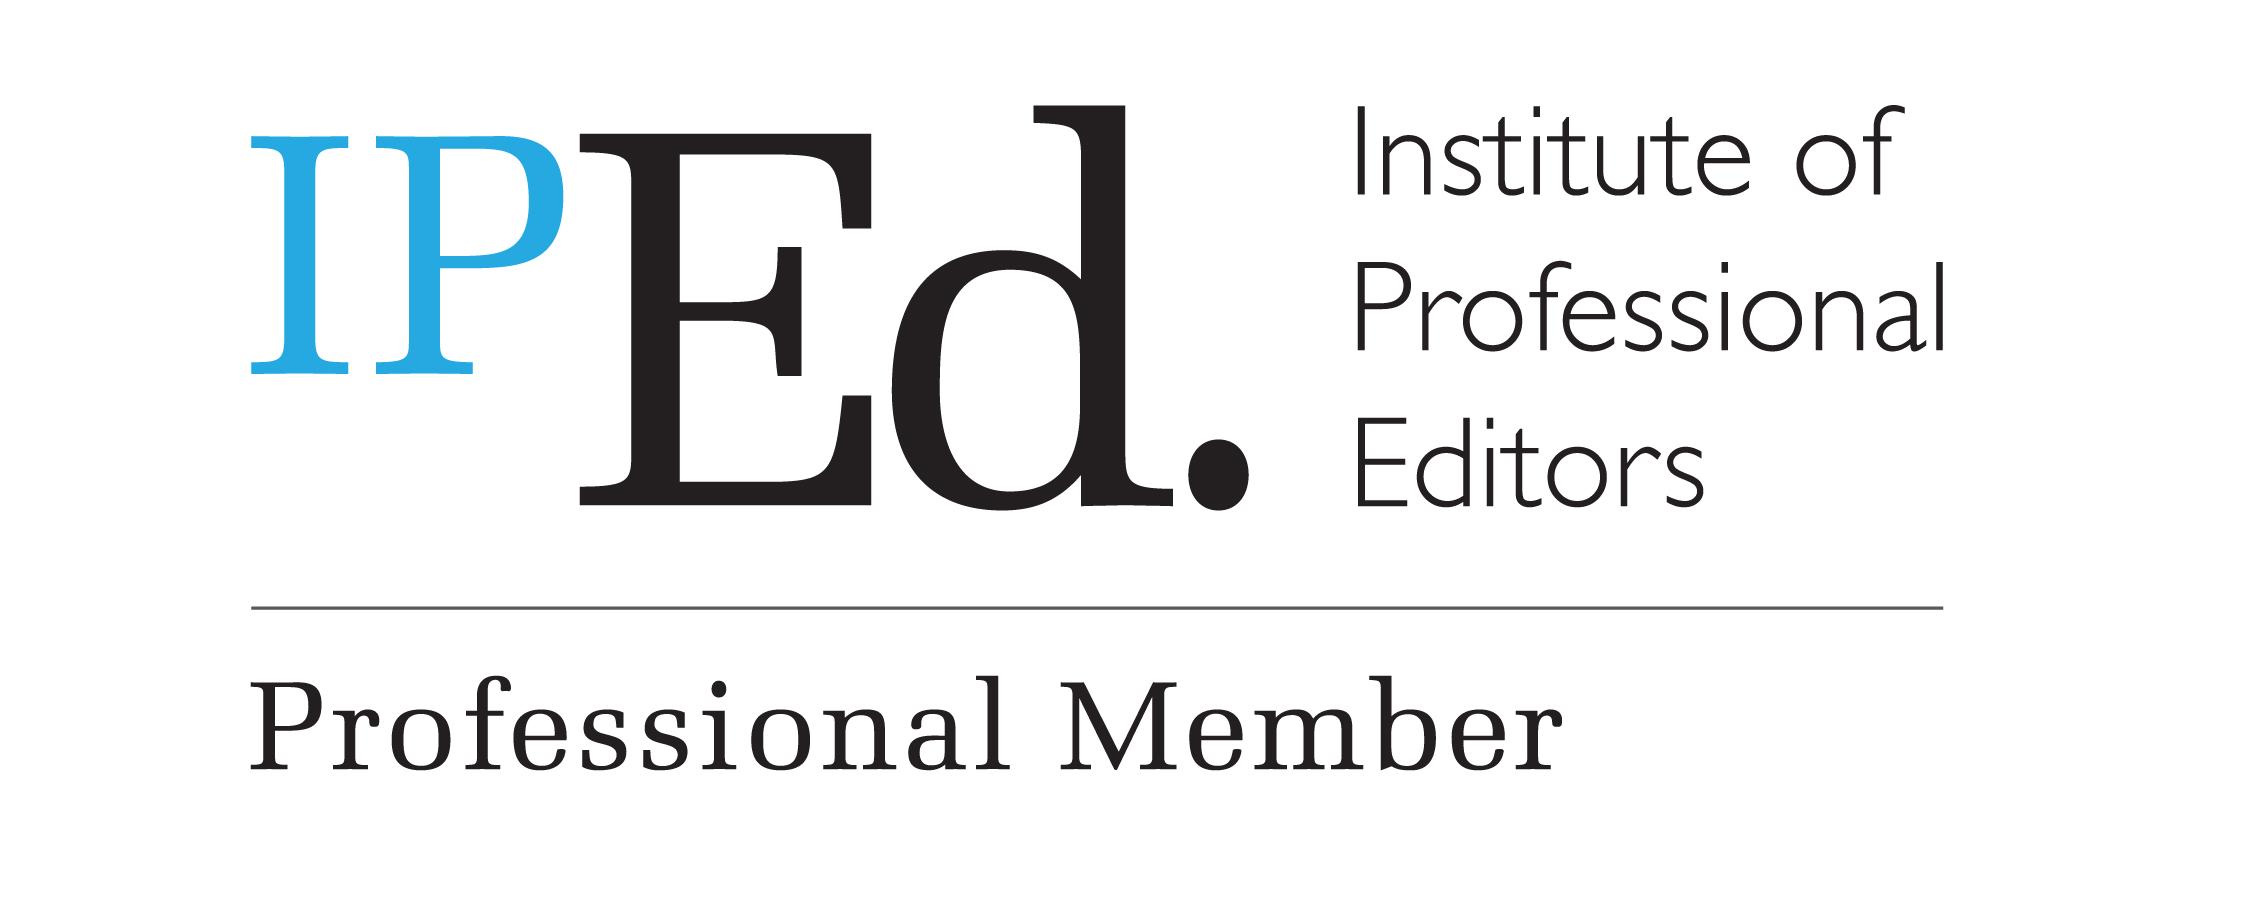 IP_Ed_Professional_Member.jpg